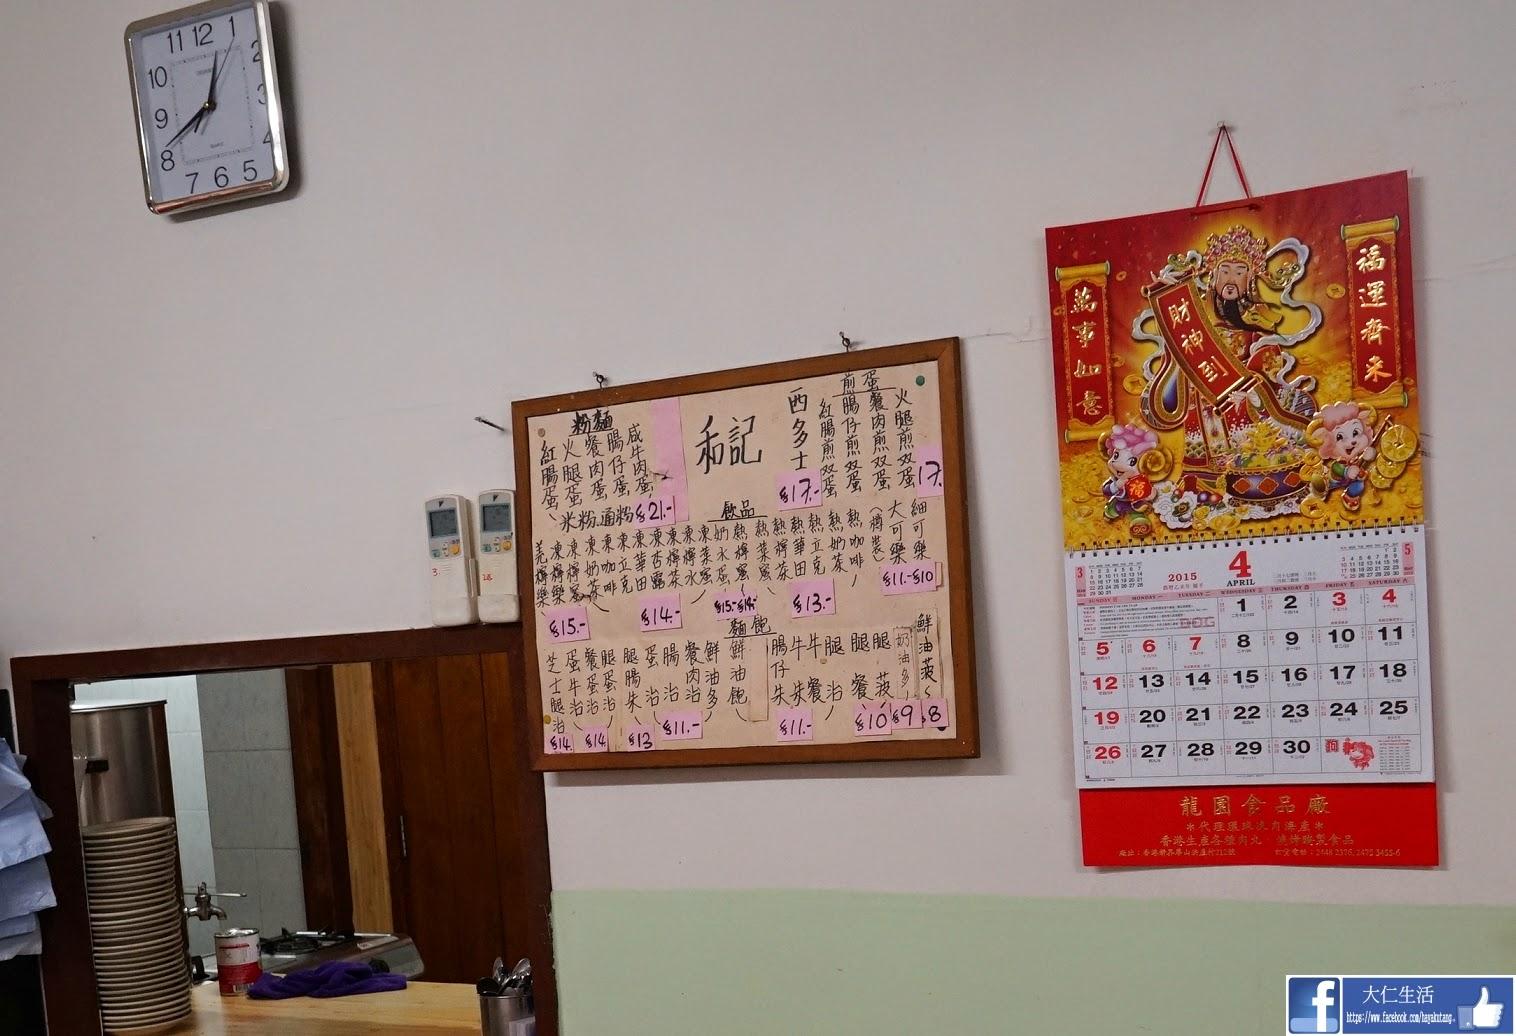 元朗 華嫂塘 芳村 神秘 茶記 和記 菠蘿包